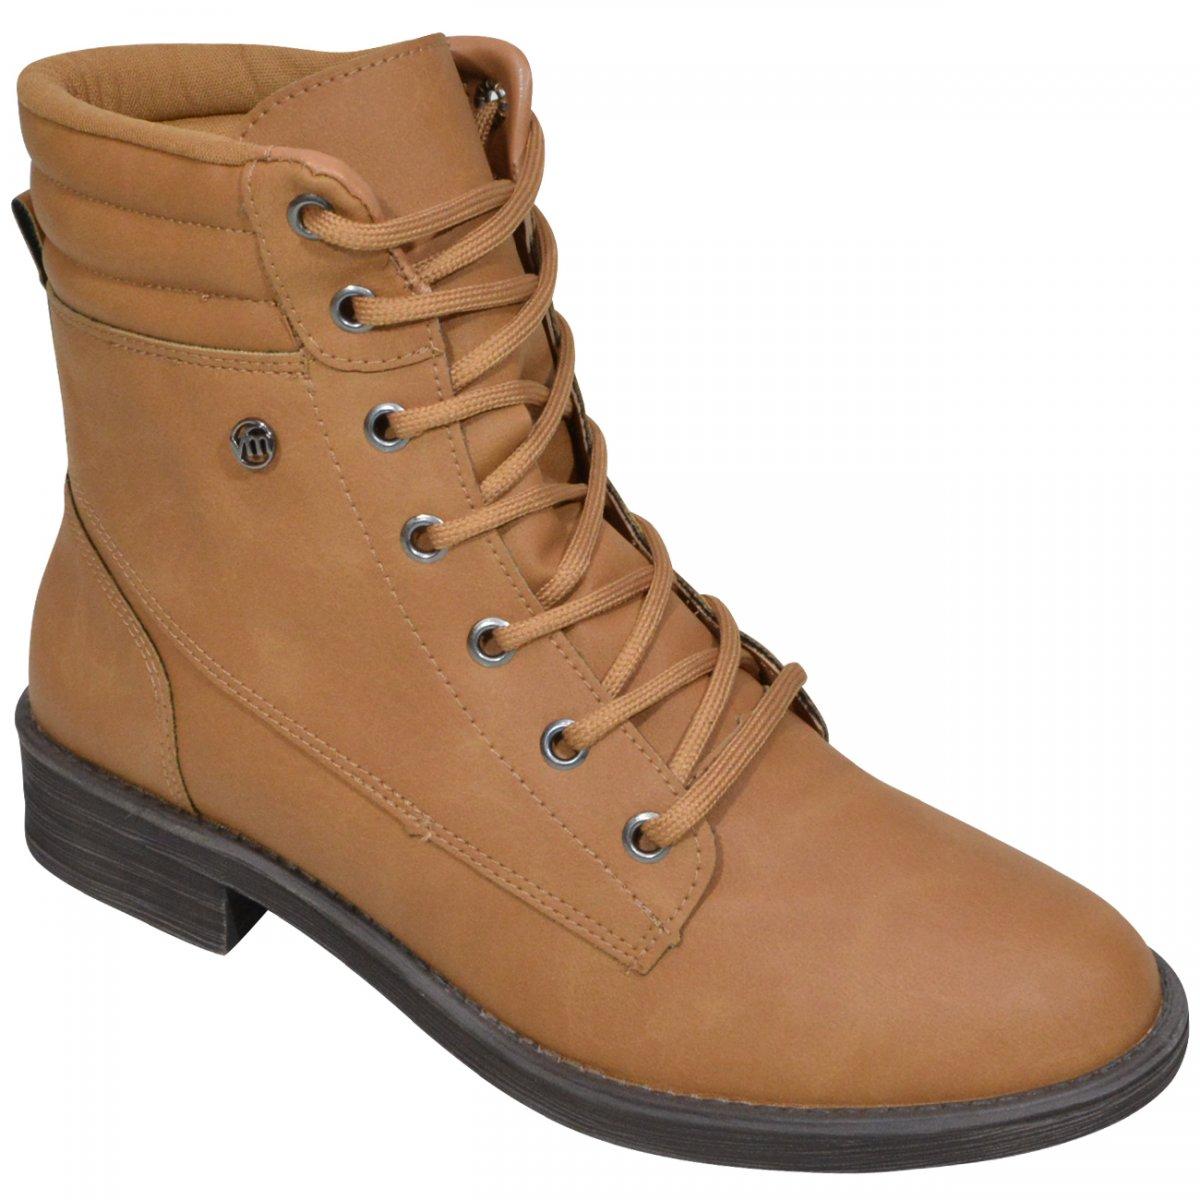 bd4c6f4c0 Bota Via Marte 19-6706 19-6706 - Caramelo - Chuteira Nike, Adidas.  Sandalias Femininas. Sandy Calçados